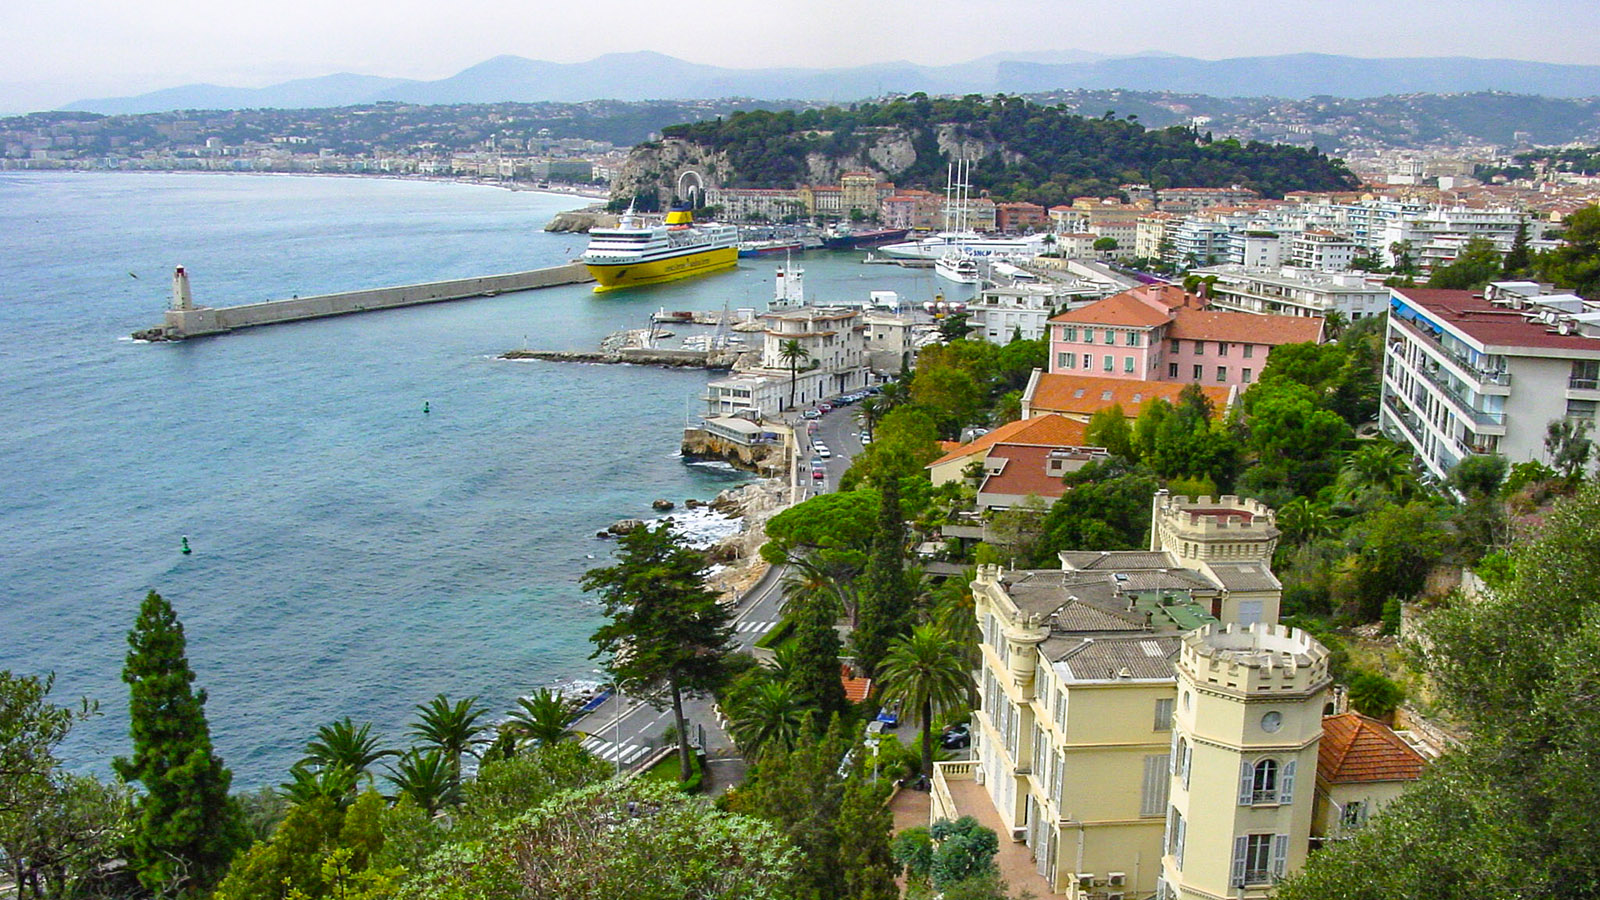 Blick auf Nizza vom Hügel östlich des Hafens. Foto: Hilke Maunder